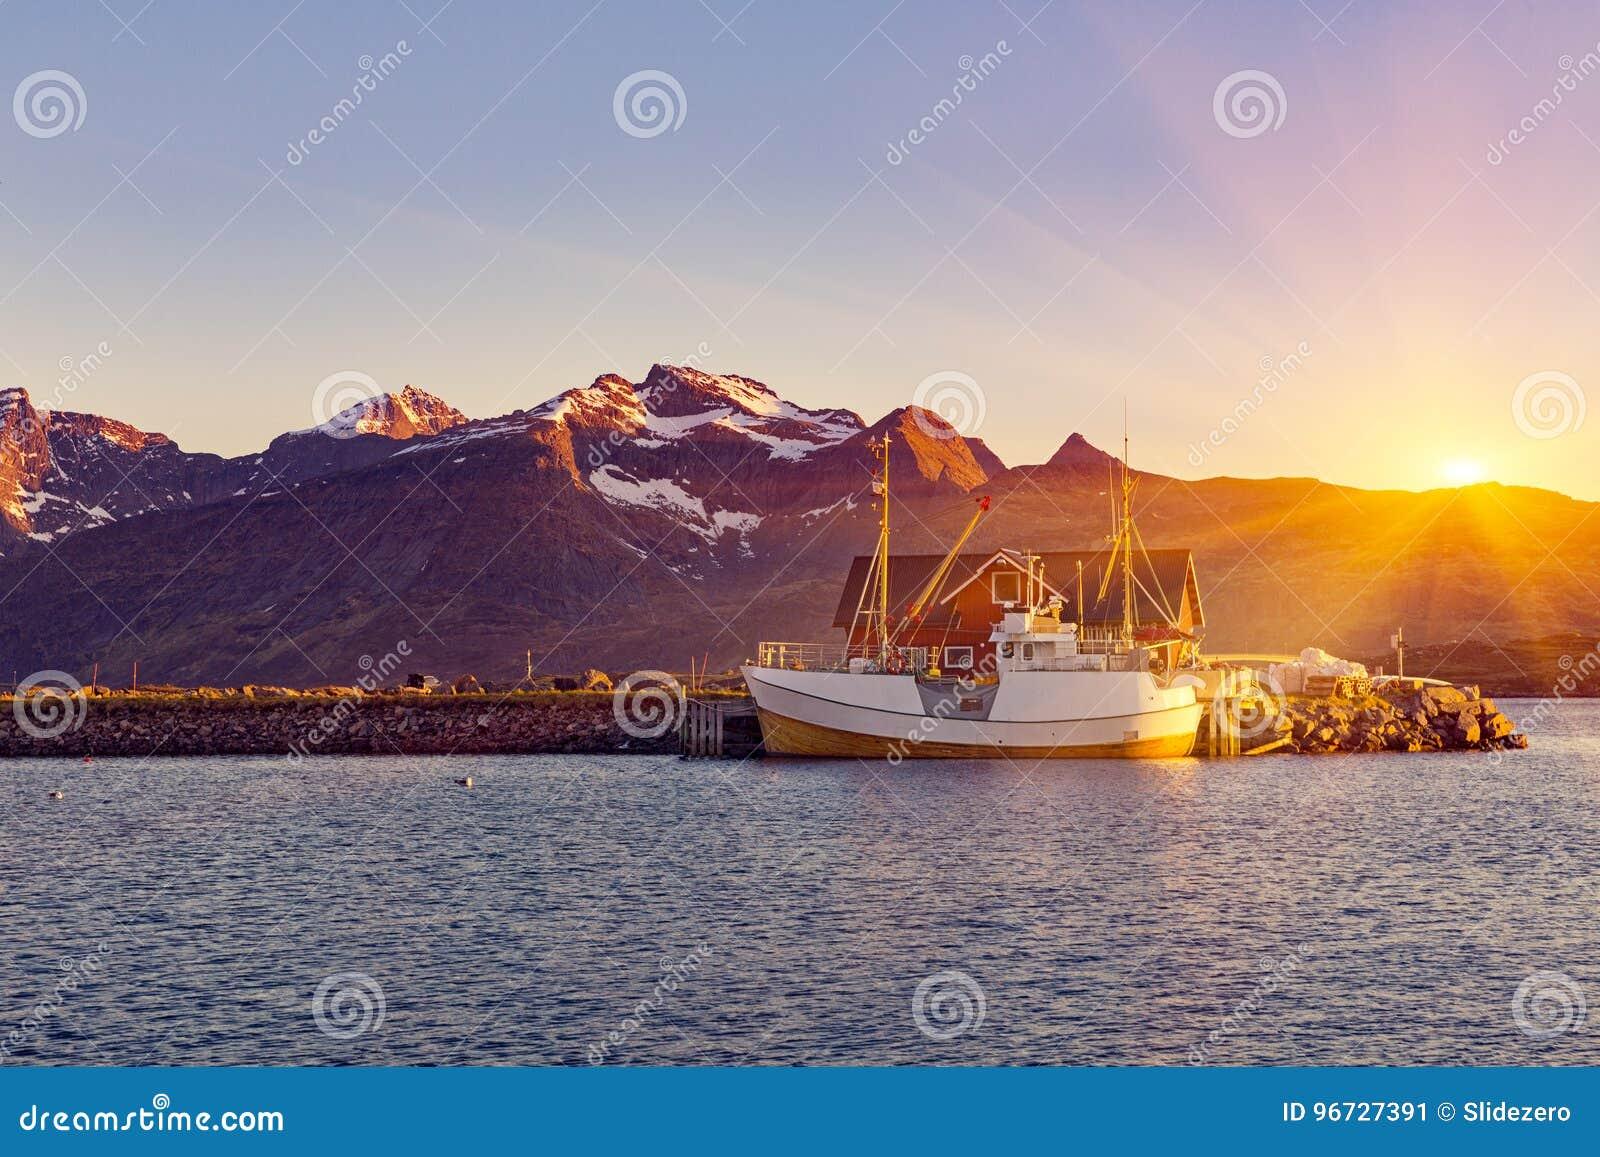 Barcos de pesca no porto no sol da meia-noite em Noruega do norte, Lofo